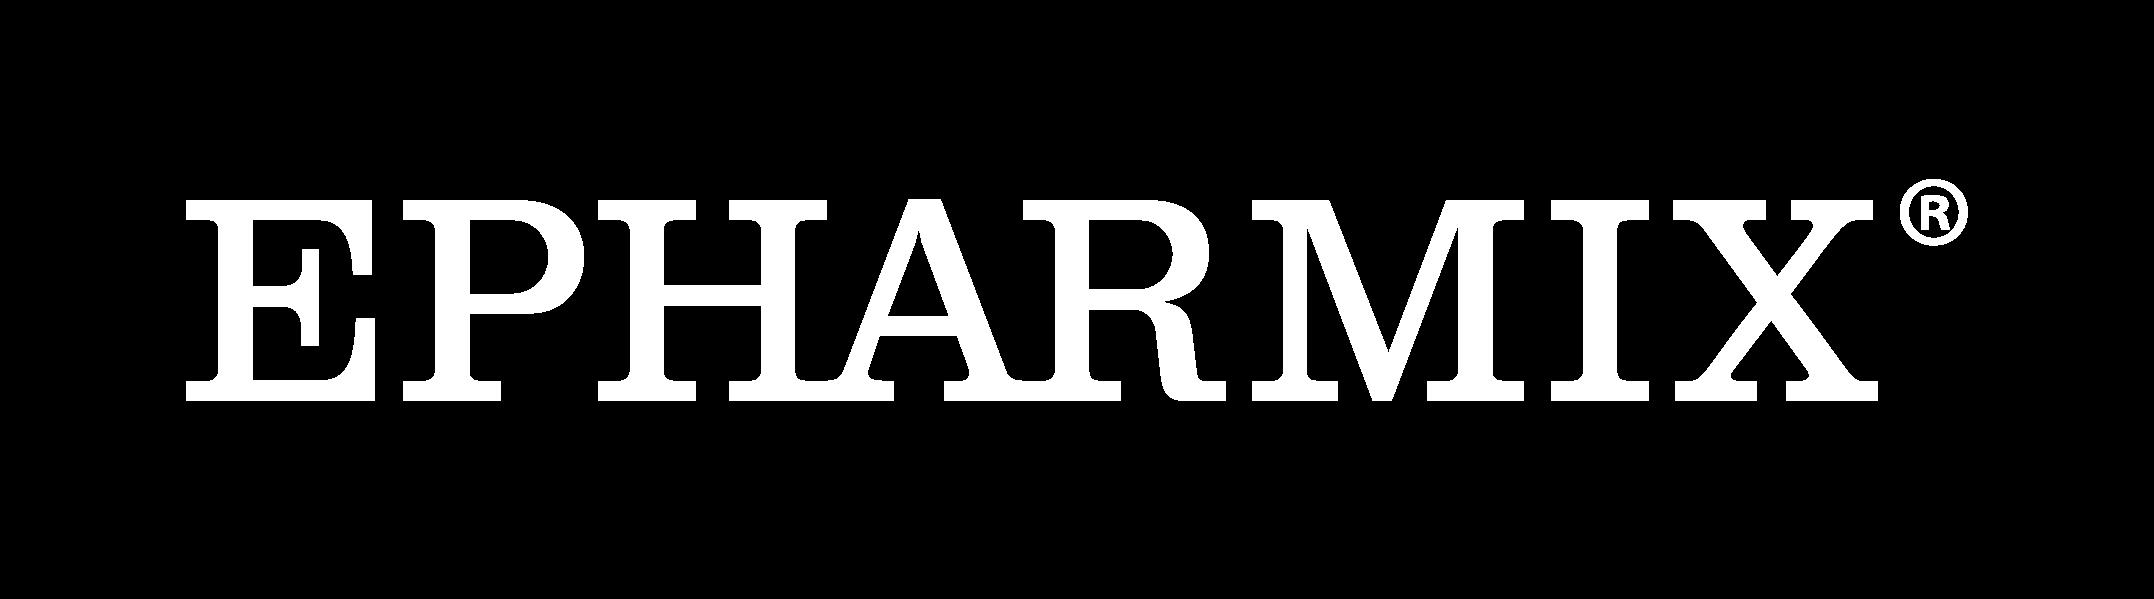 Epharmix Logo